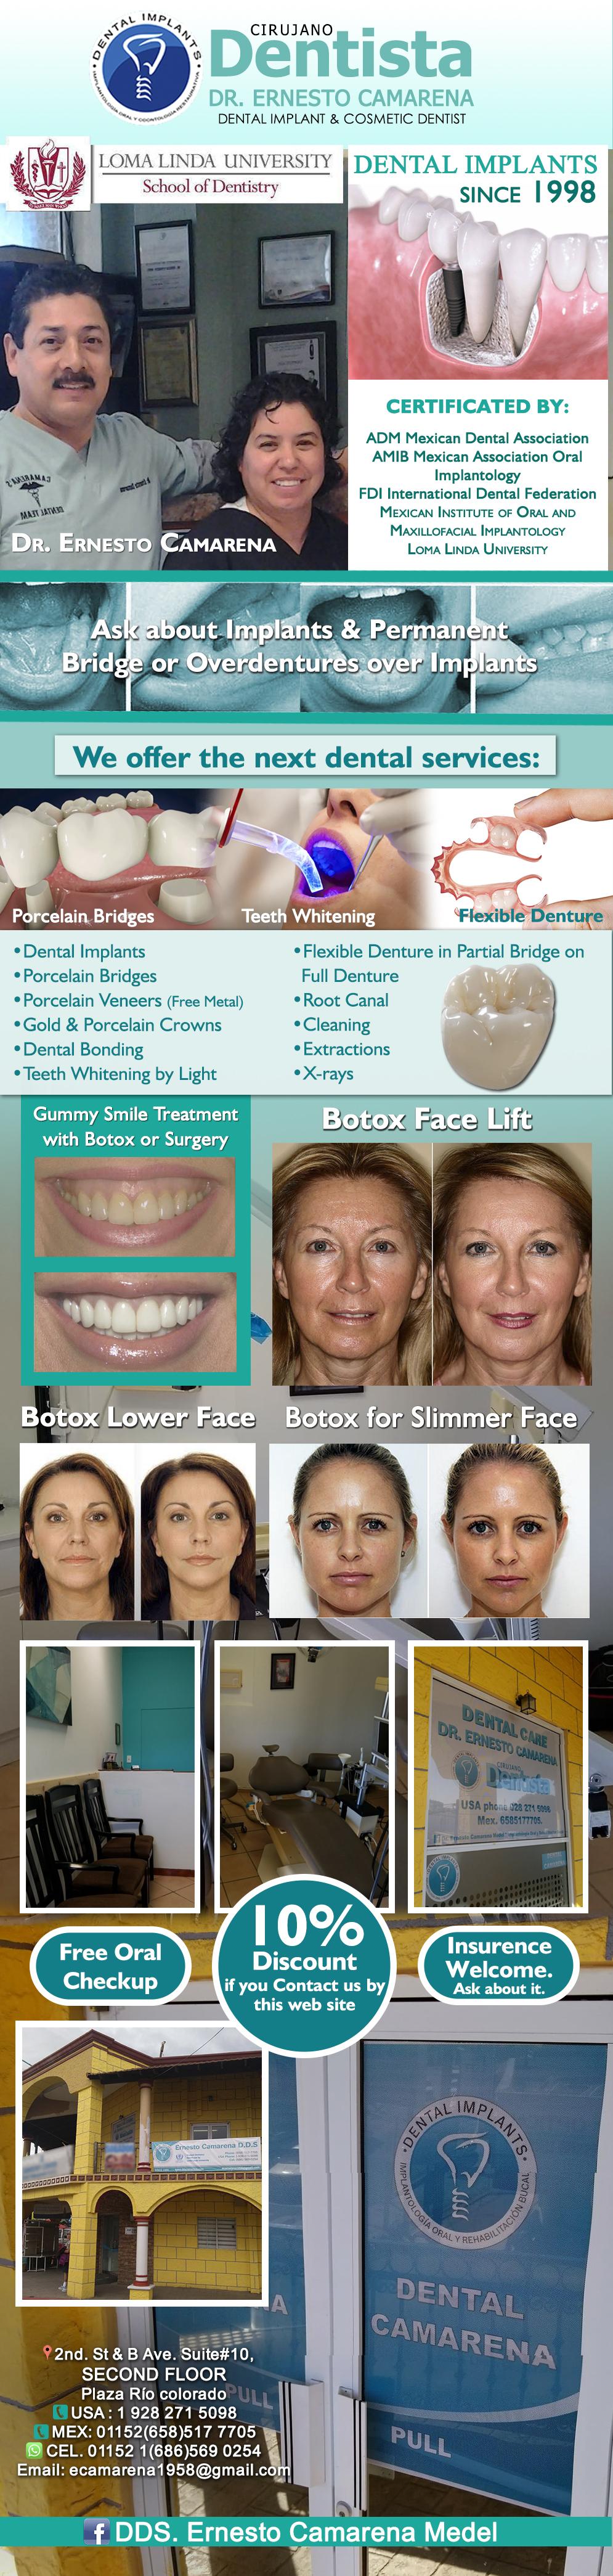 CIRUJANO DENTISTA DR. ERNESTO CAMARENA  in Algodones  in Algodones  CIRUJANO DENTISTA DR. ERNESTO CAMARENA              dentist dental dentista dds consultorio clinic